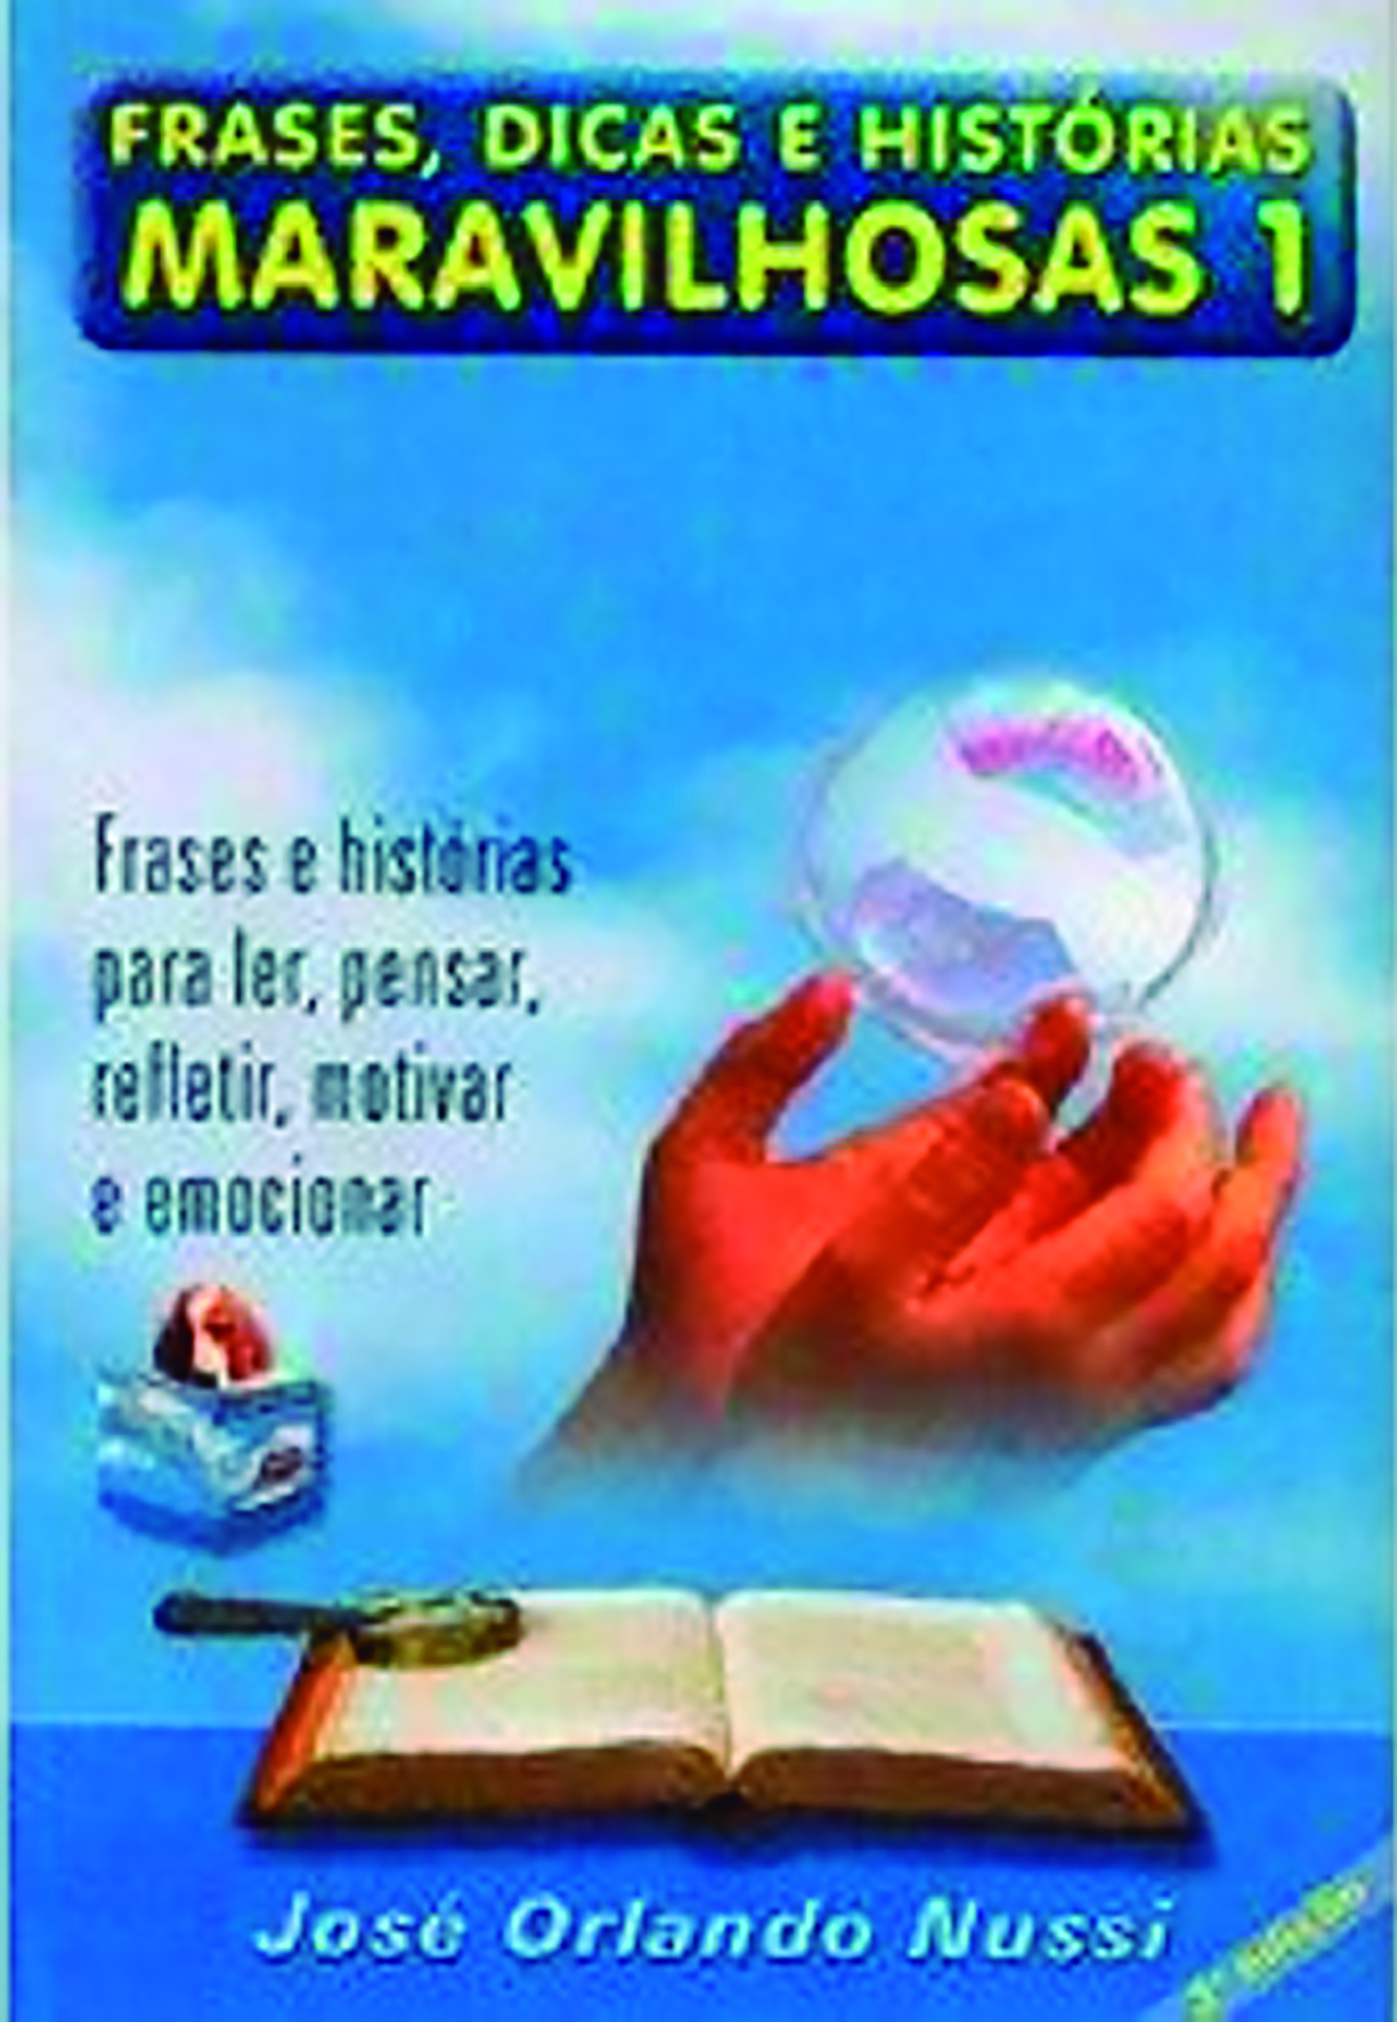 FRASES DICAS E HIST. MARAVILHOSAS - V 01